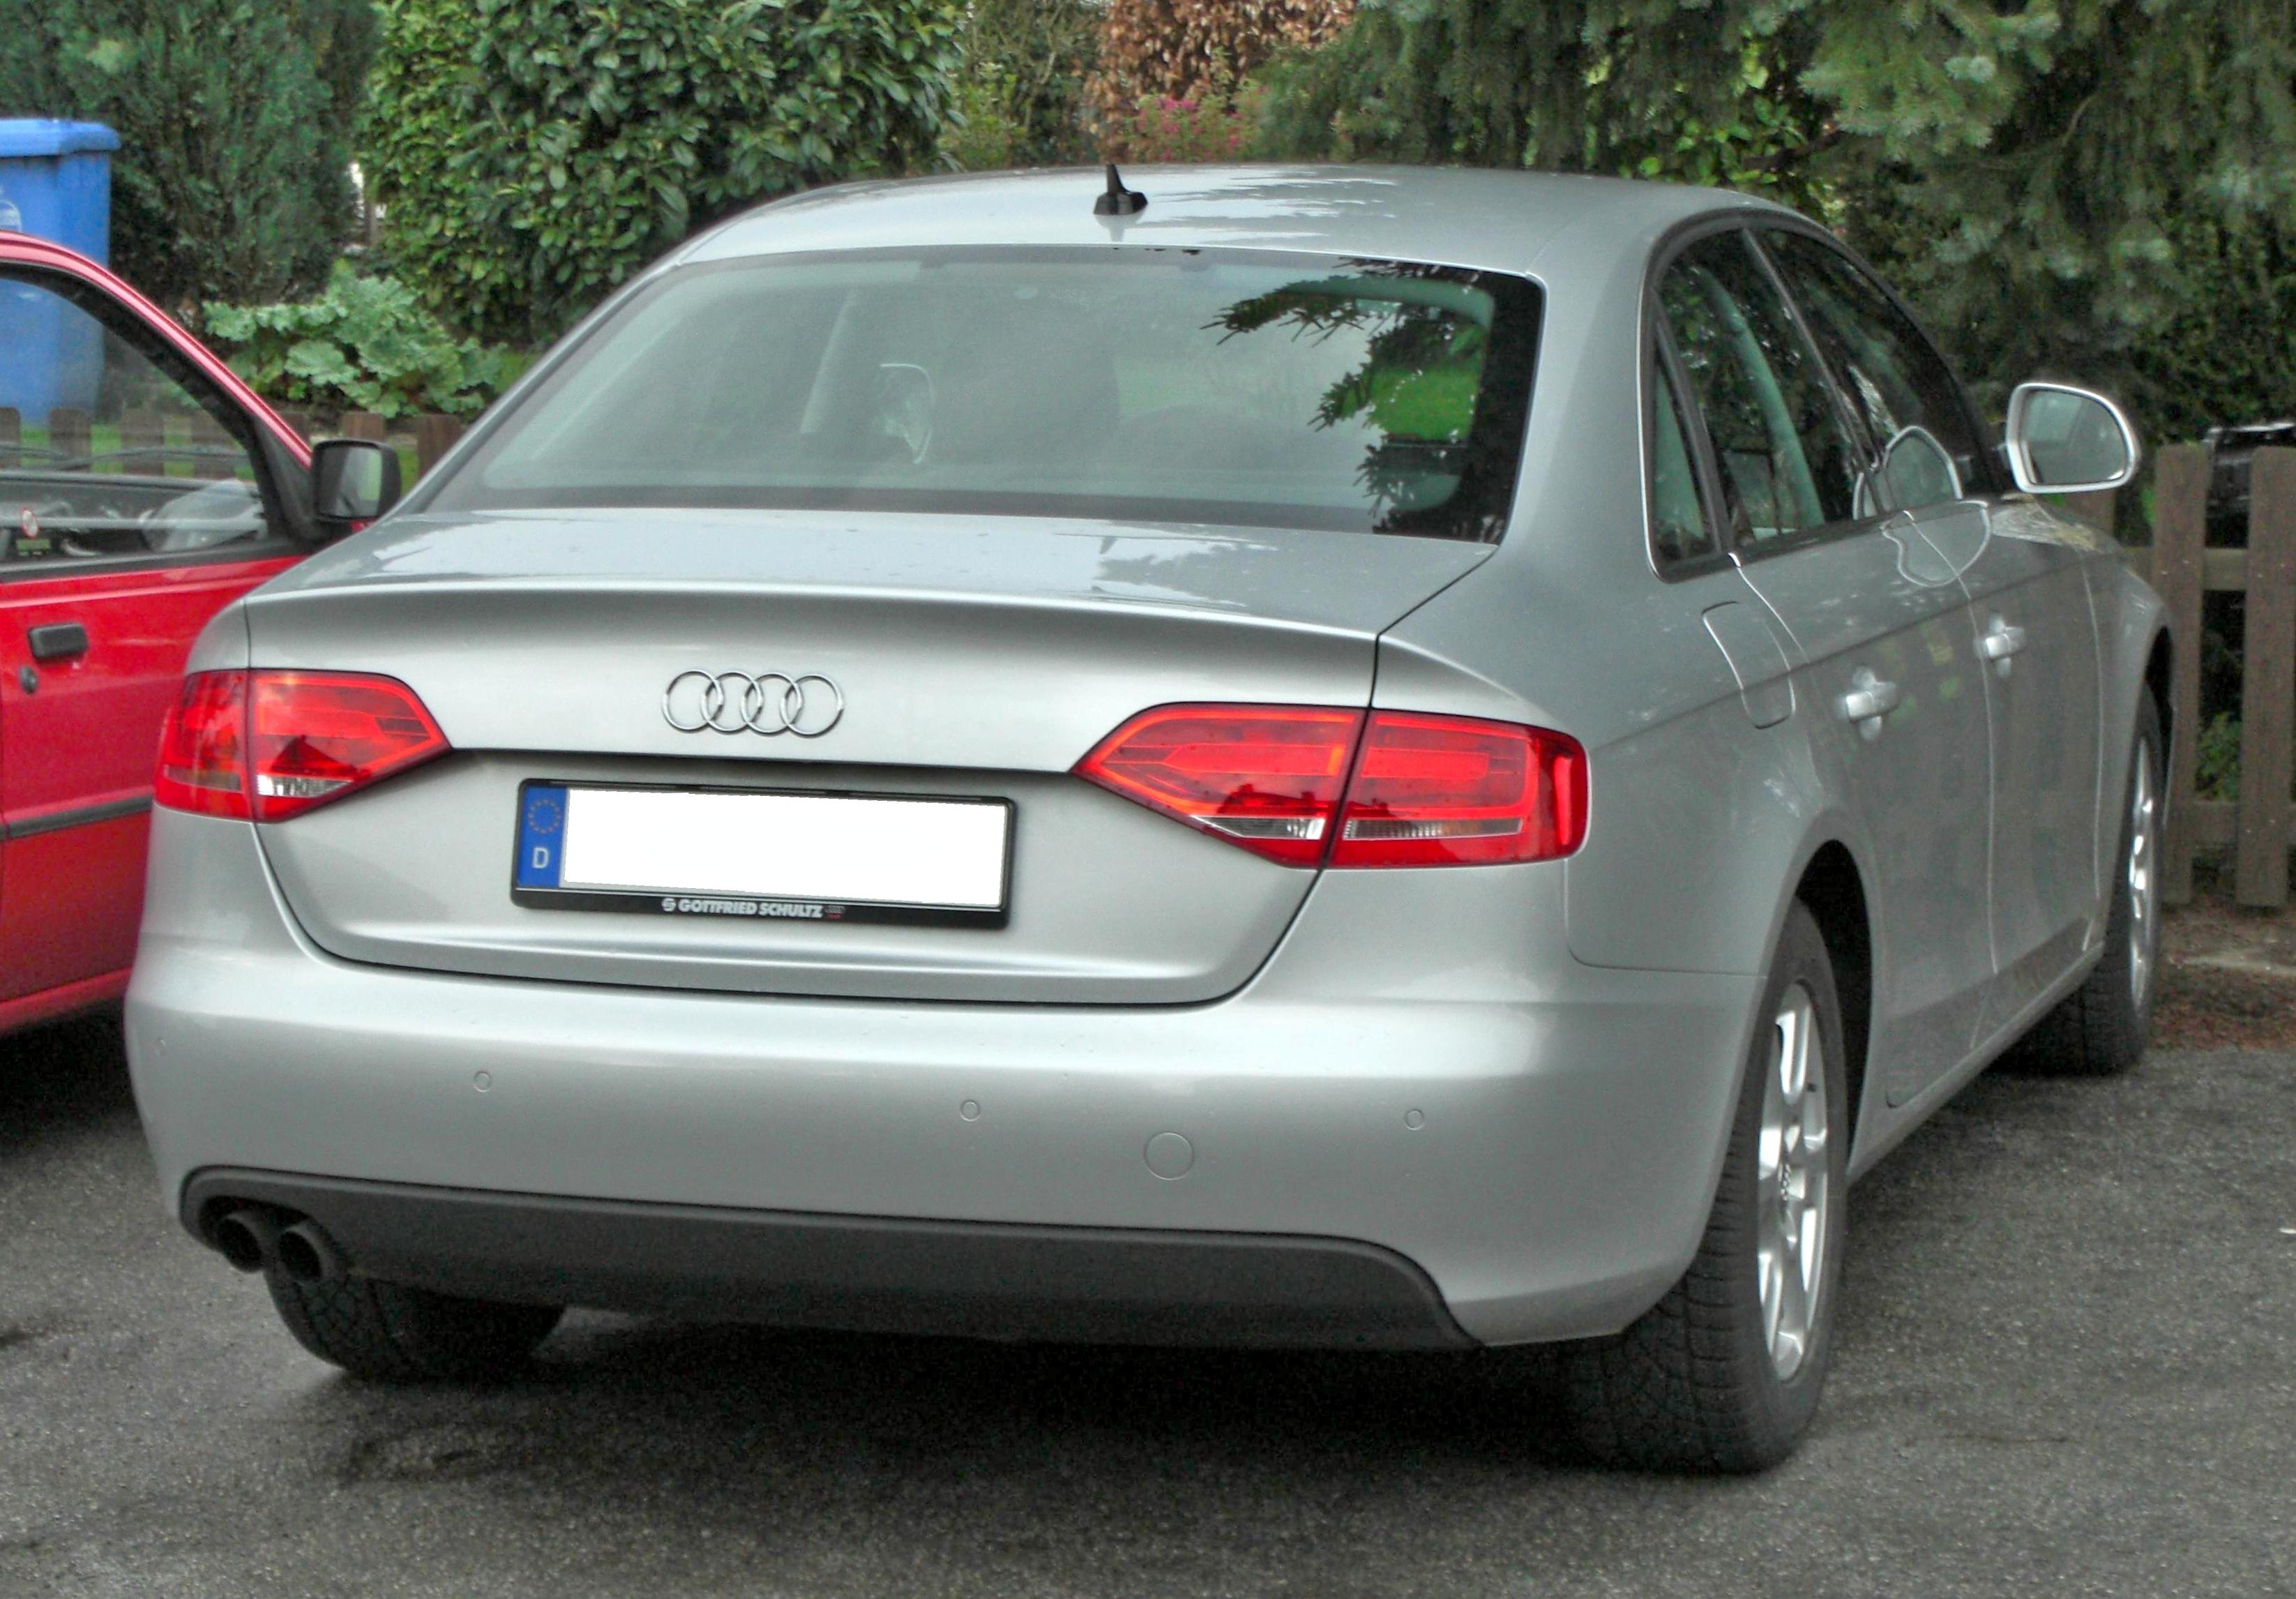 File:Audi A4 (2008) rear.jpg - Wikimedia Commons